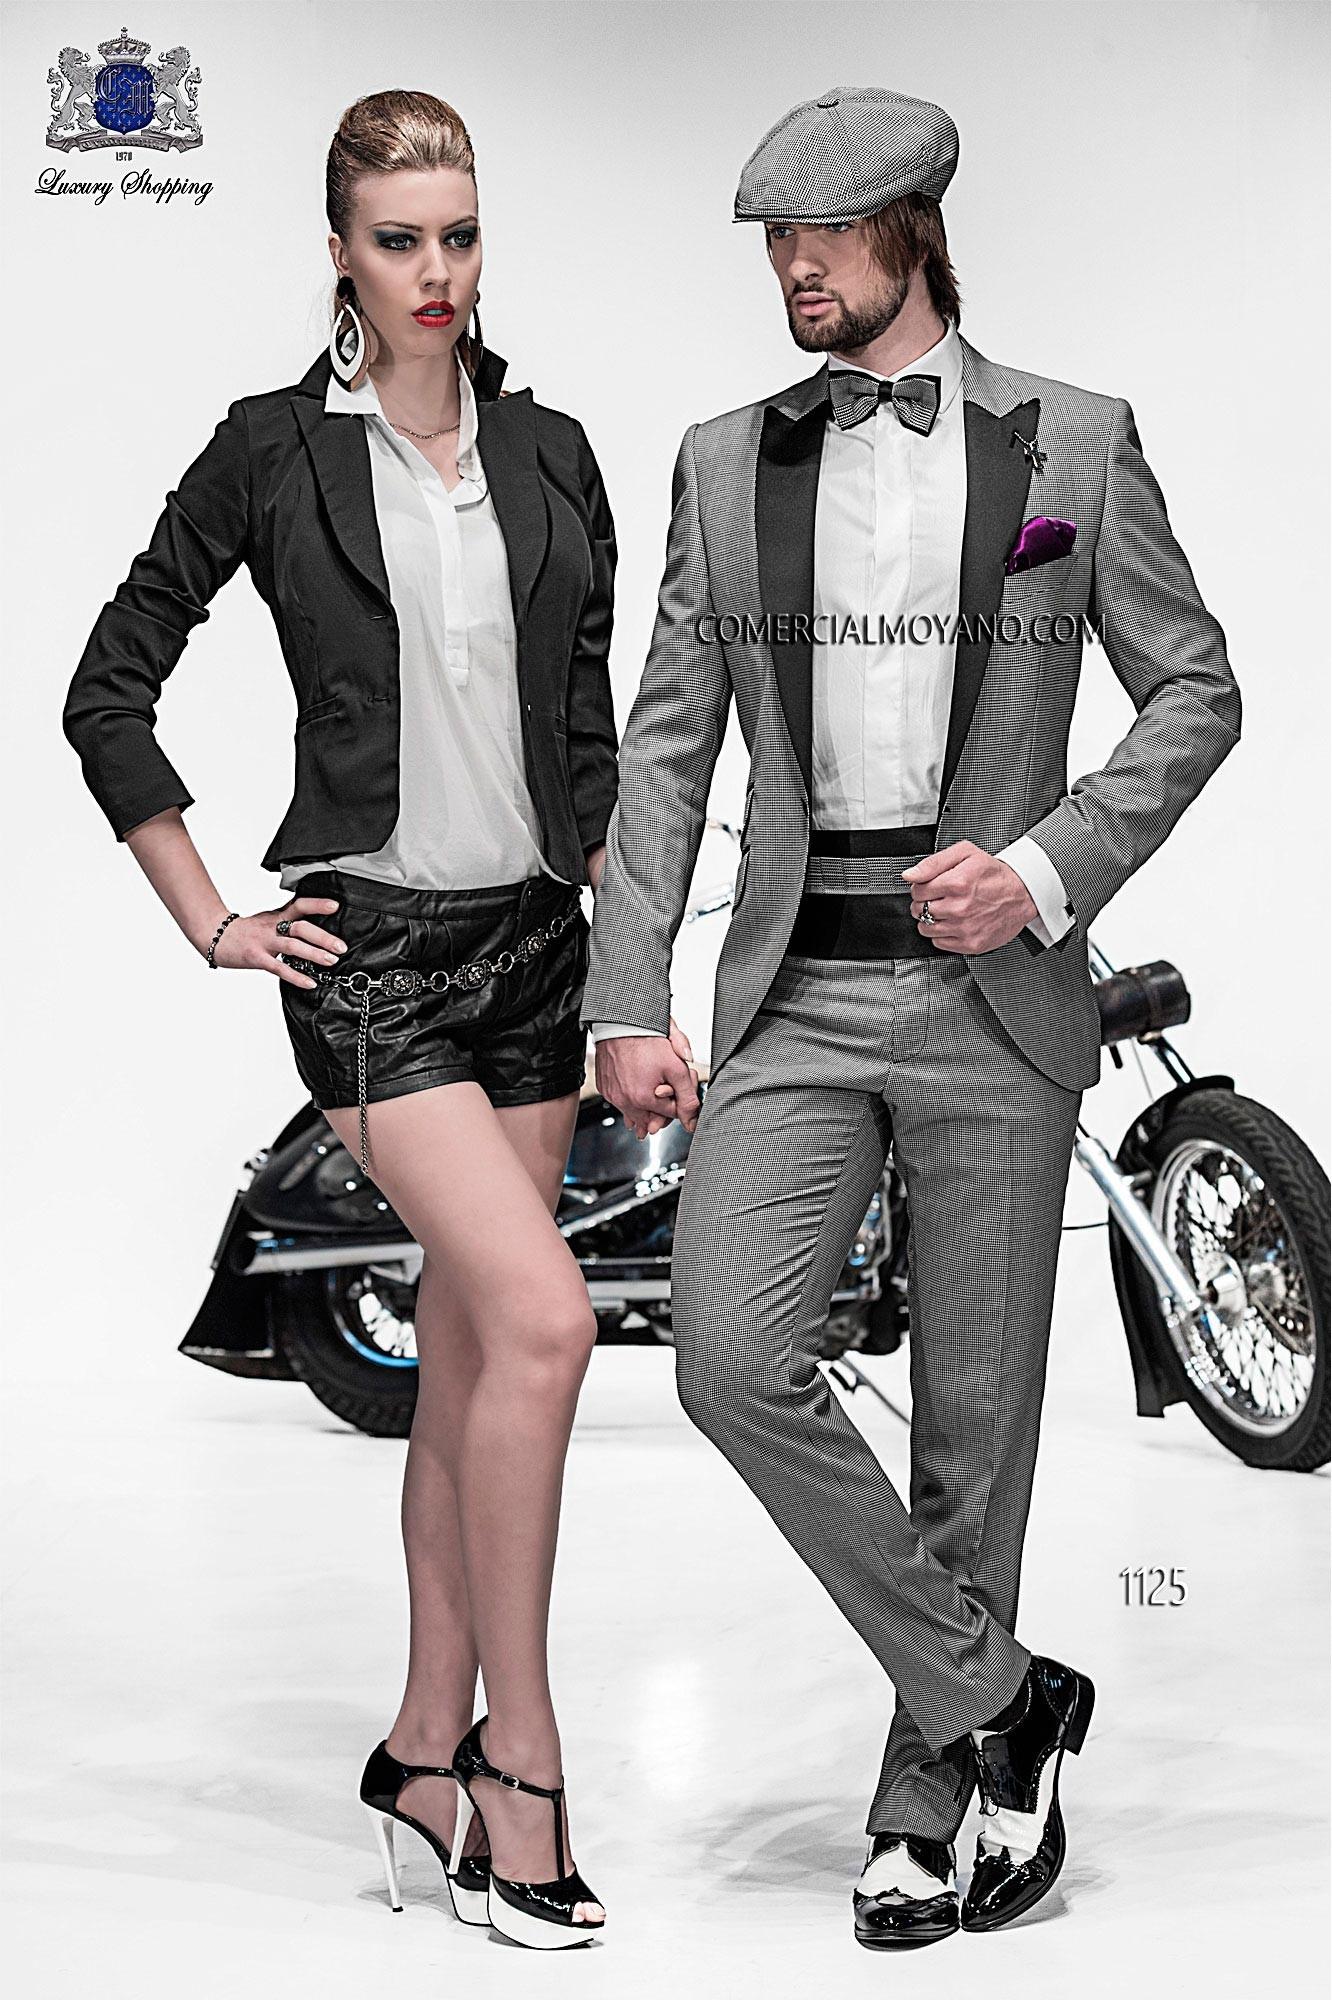 Traje de moda hombre principe de gales modelo: 1125 Ottavio Nuccio Gala colección Emotion